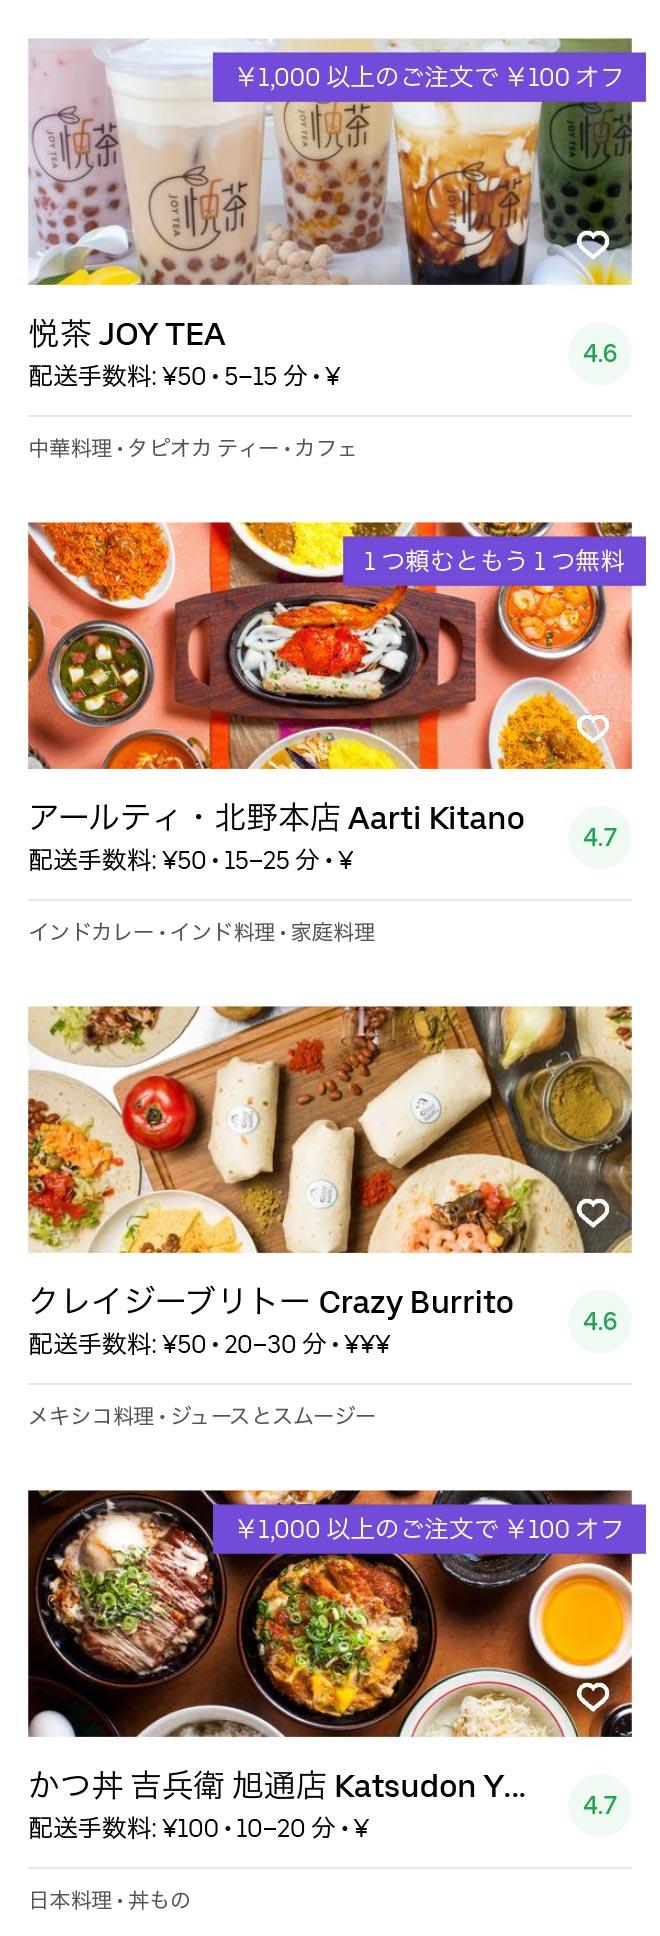 Kobe sannomiya menu 2005 06